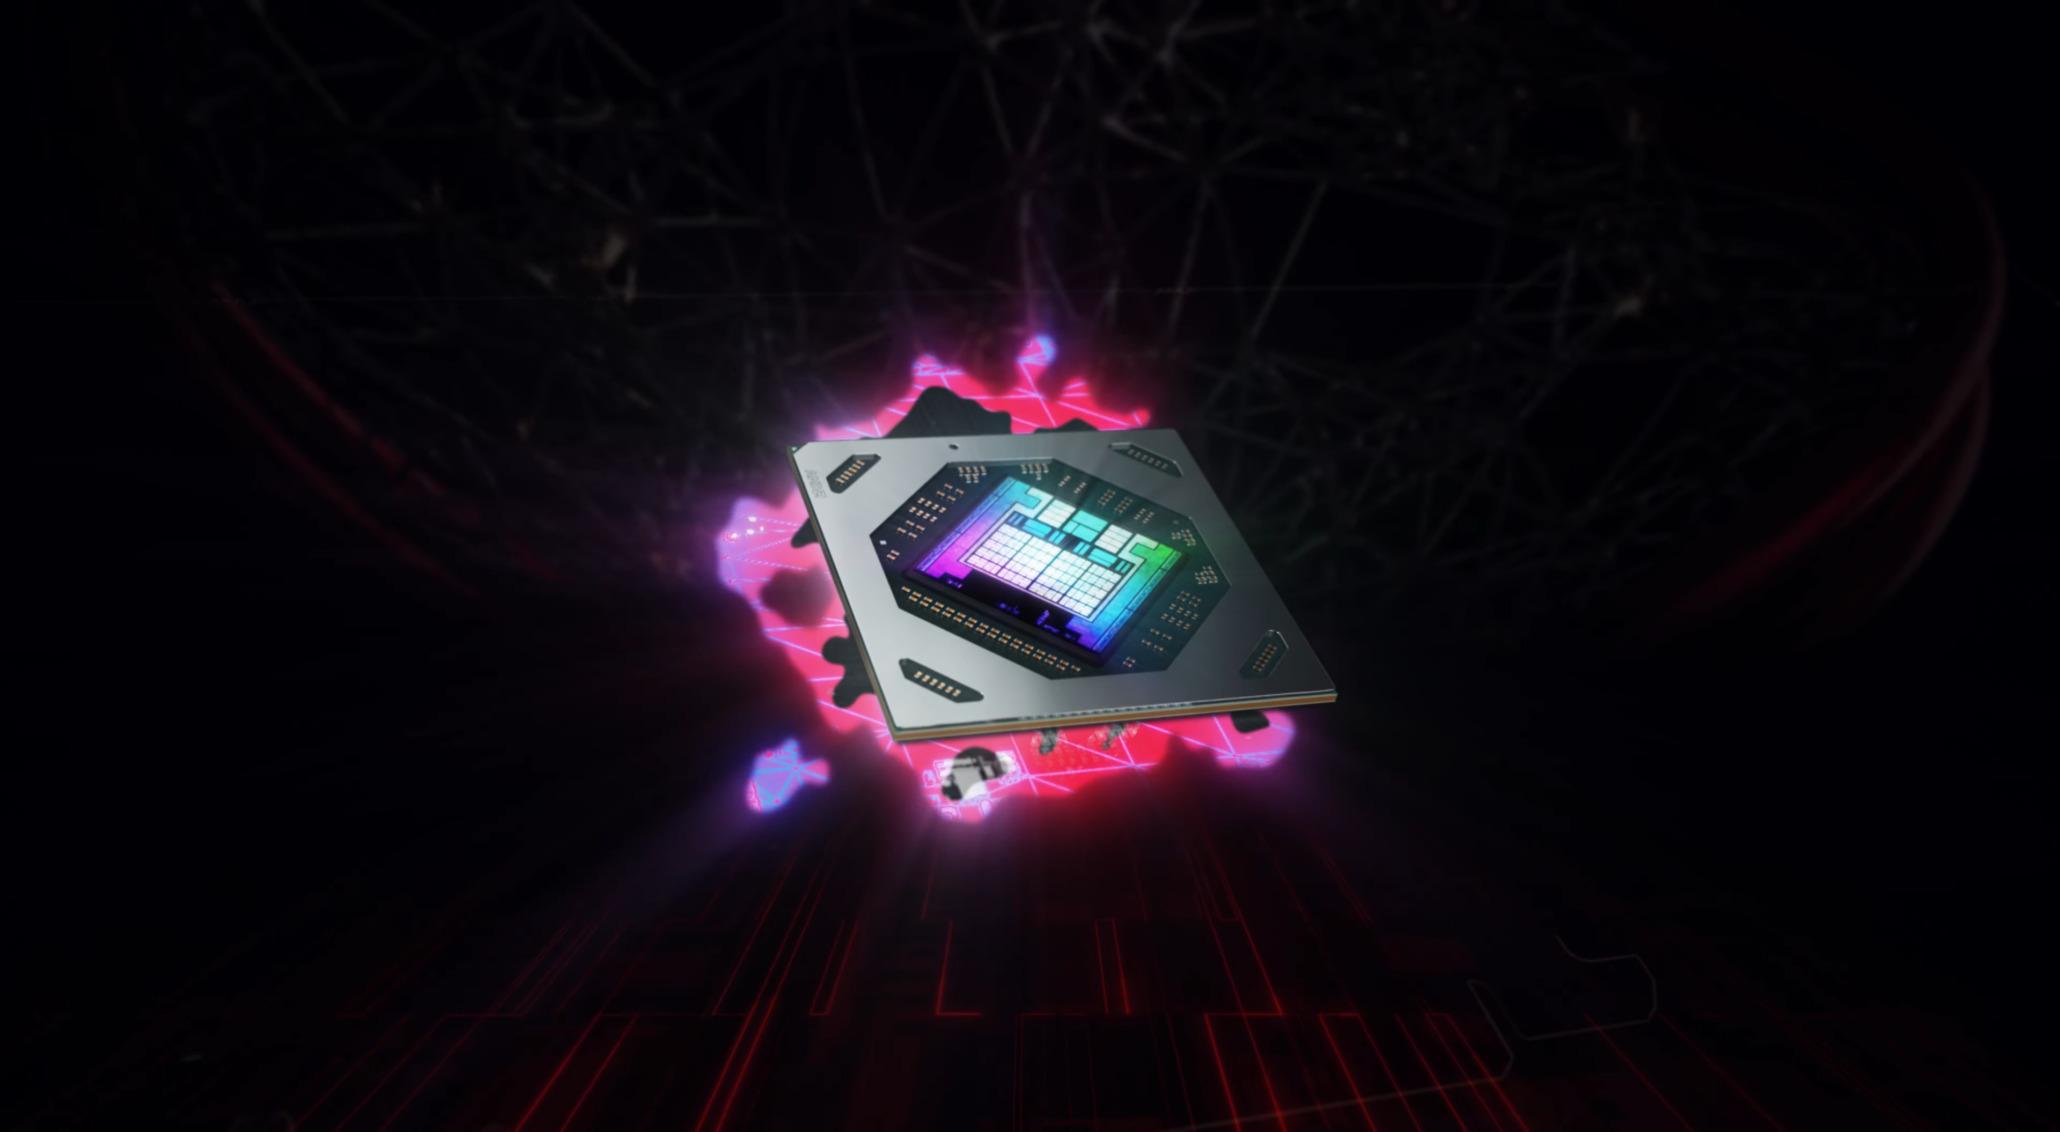 Les variantes mobiles des Radeon RX6000 arriveront très bientôt sur PC portables, et c'est Lisa Su qui l'a confirmé